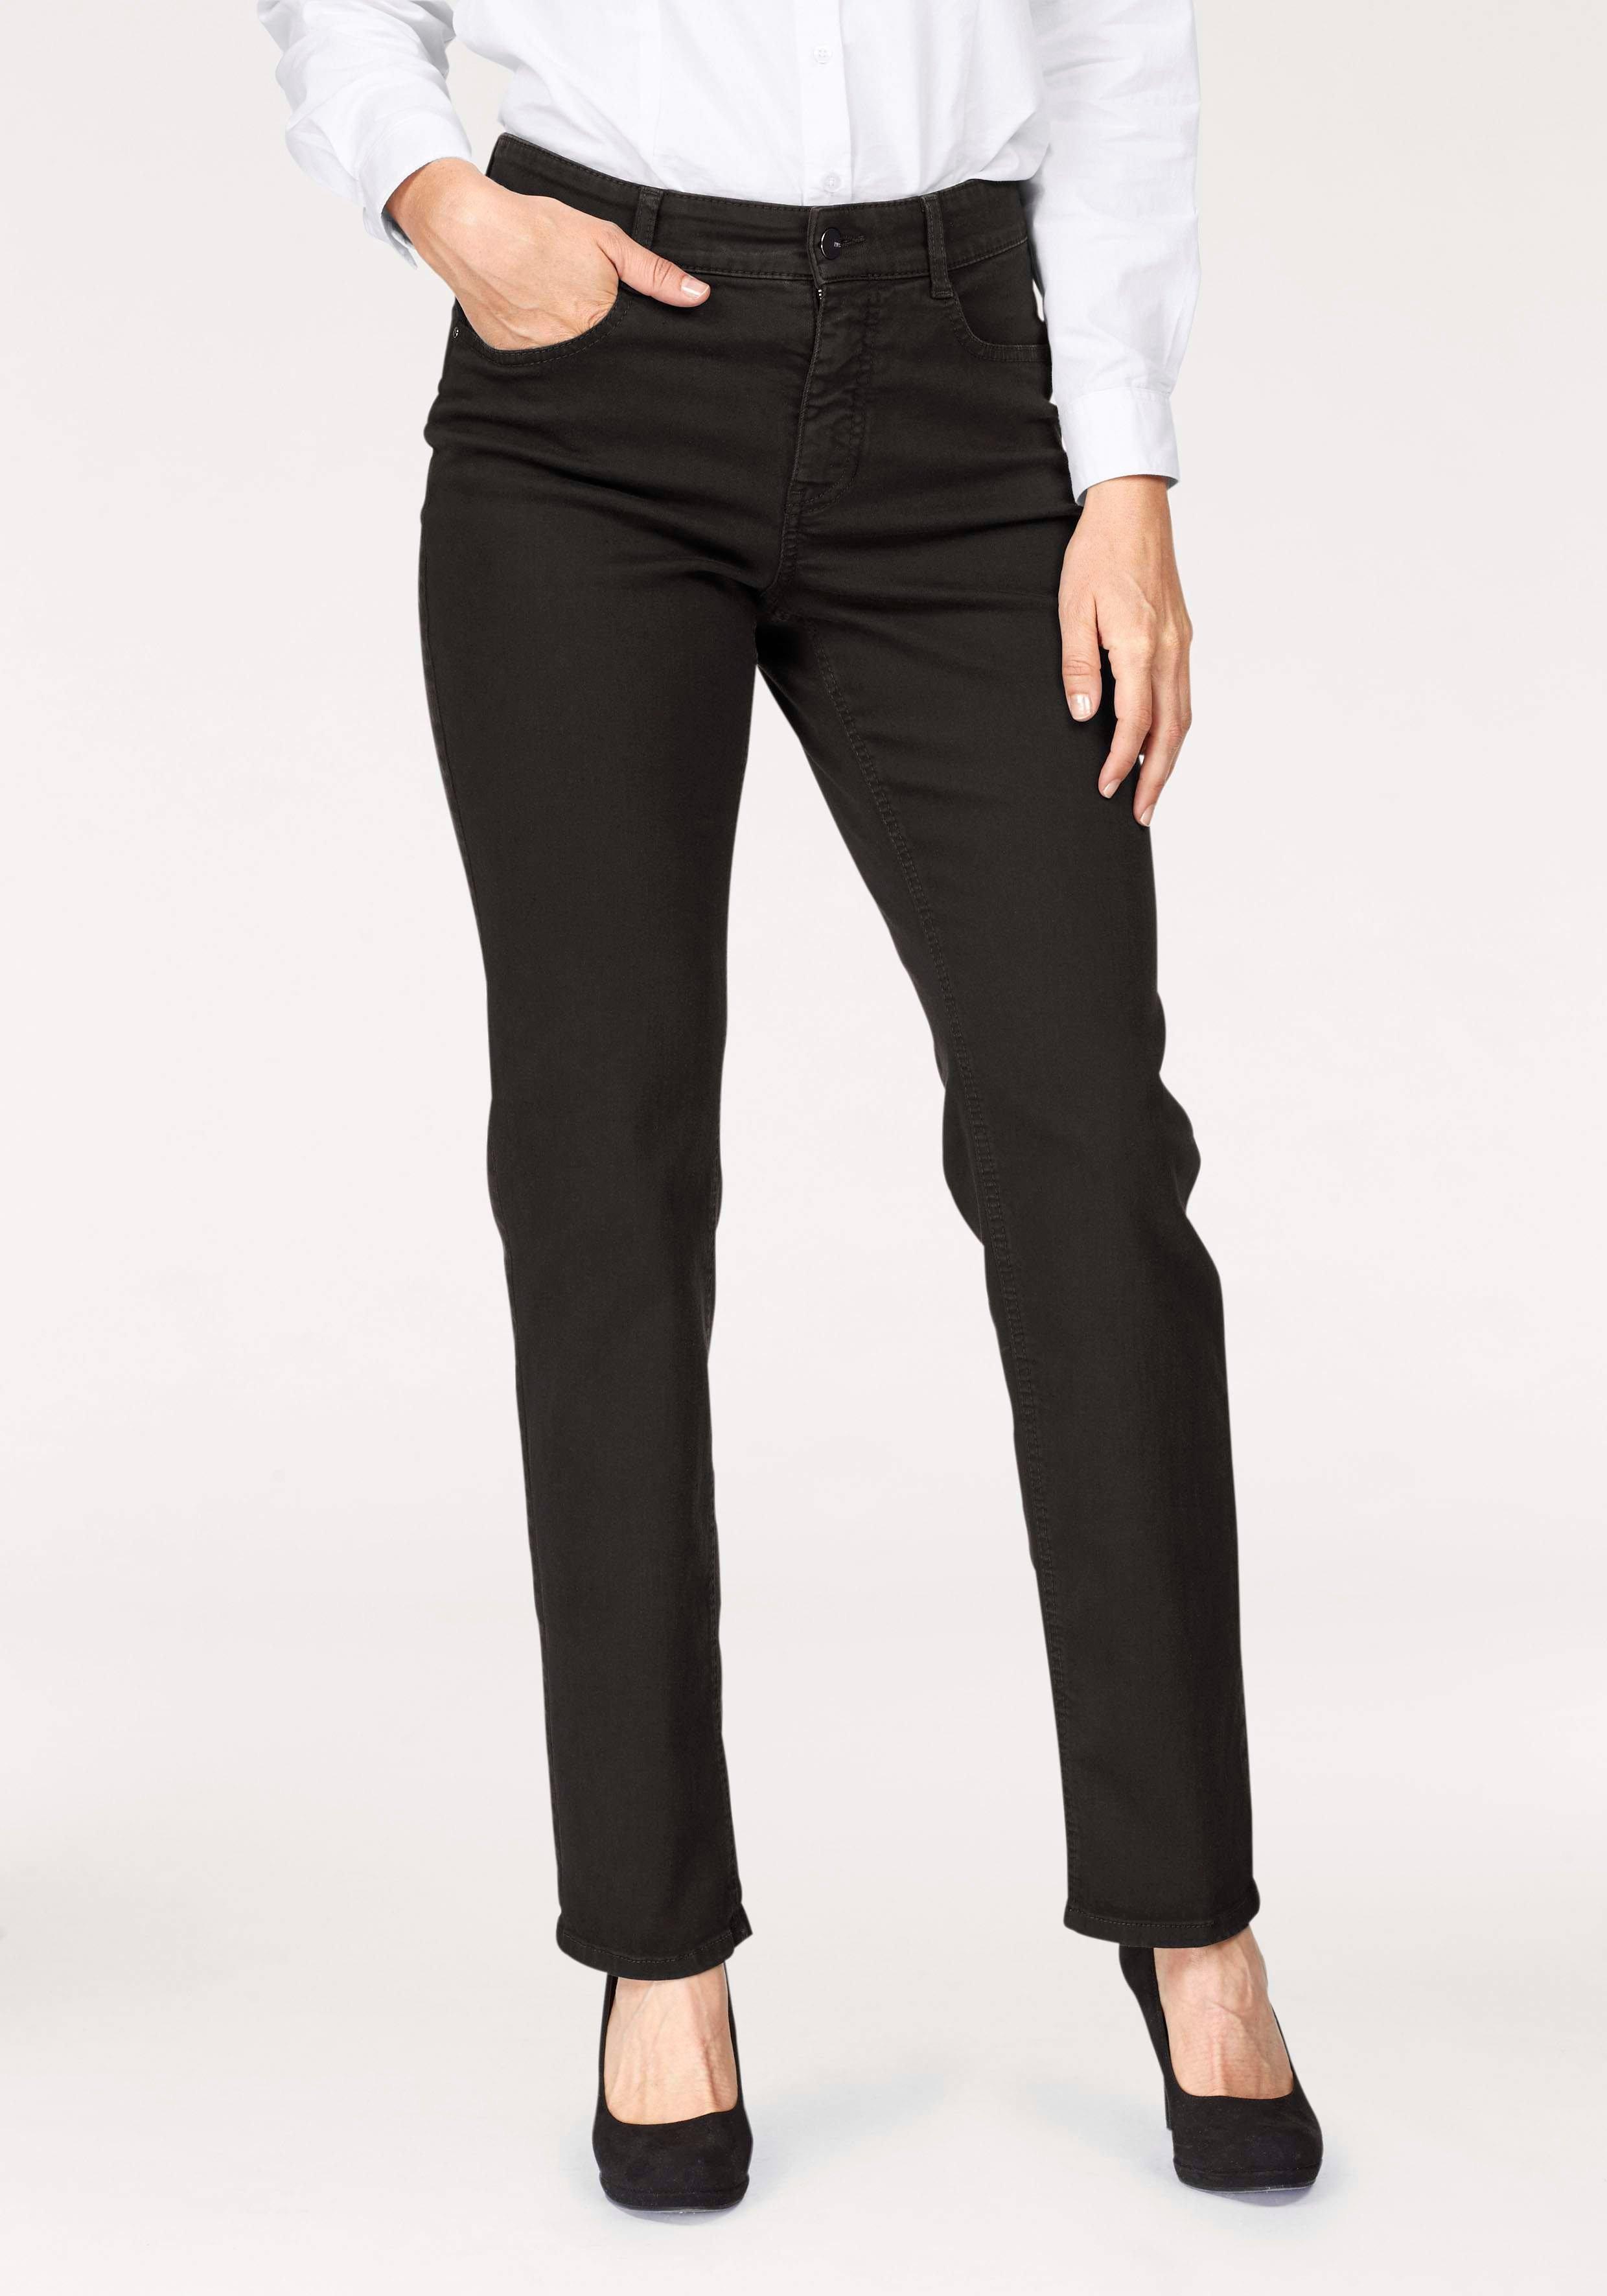 mac comfortabele jeans stella bruin - Mac Broeken Waar Te Koop